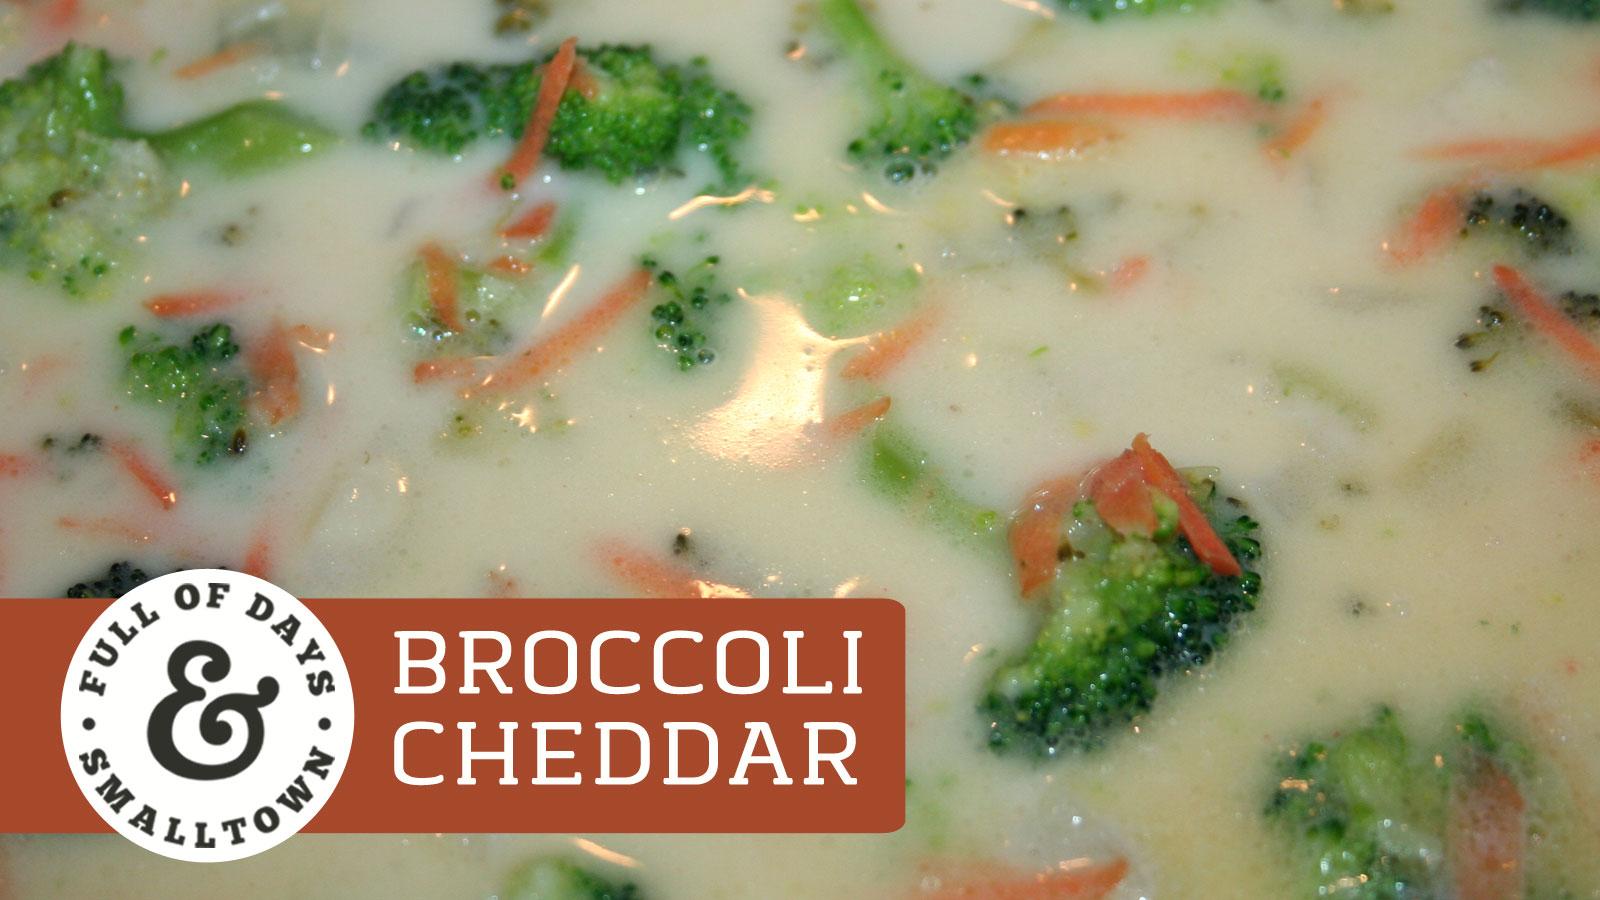 broccoli-cheddar_full-of-days_1600-x-900